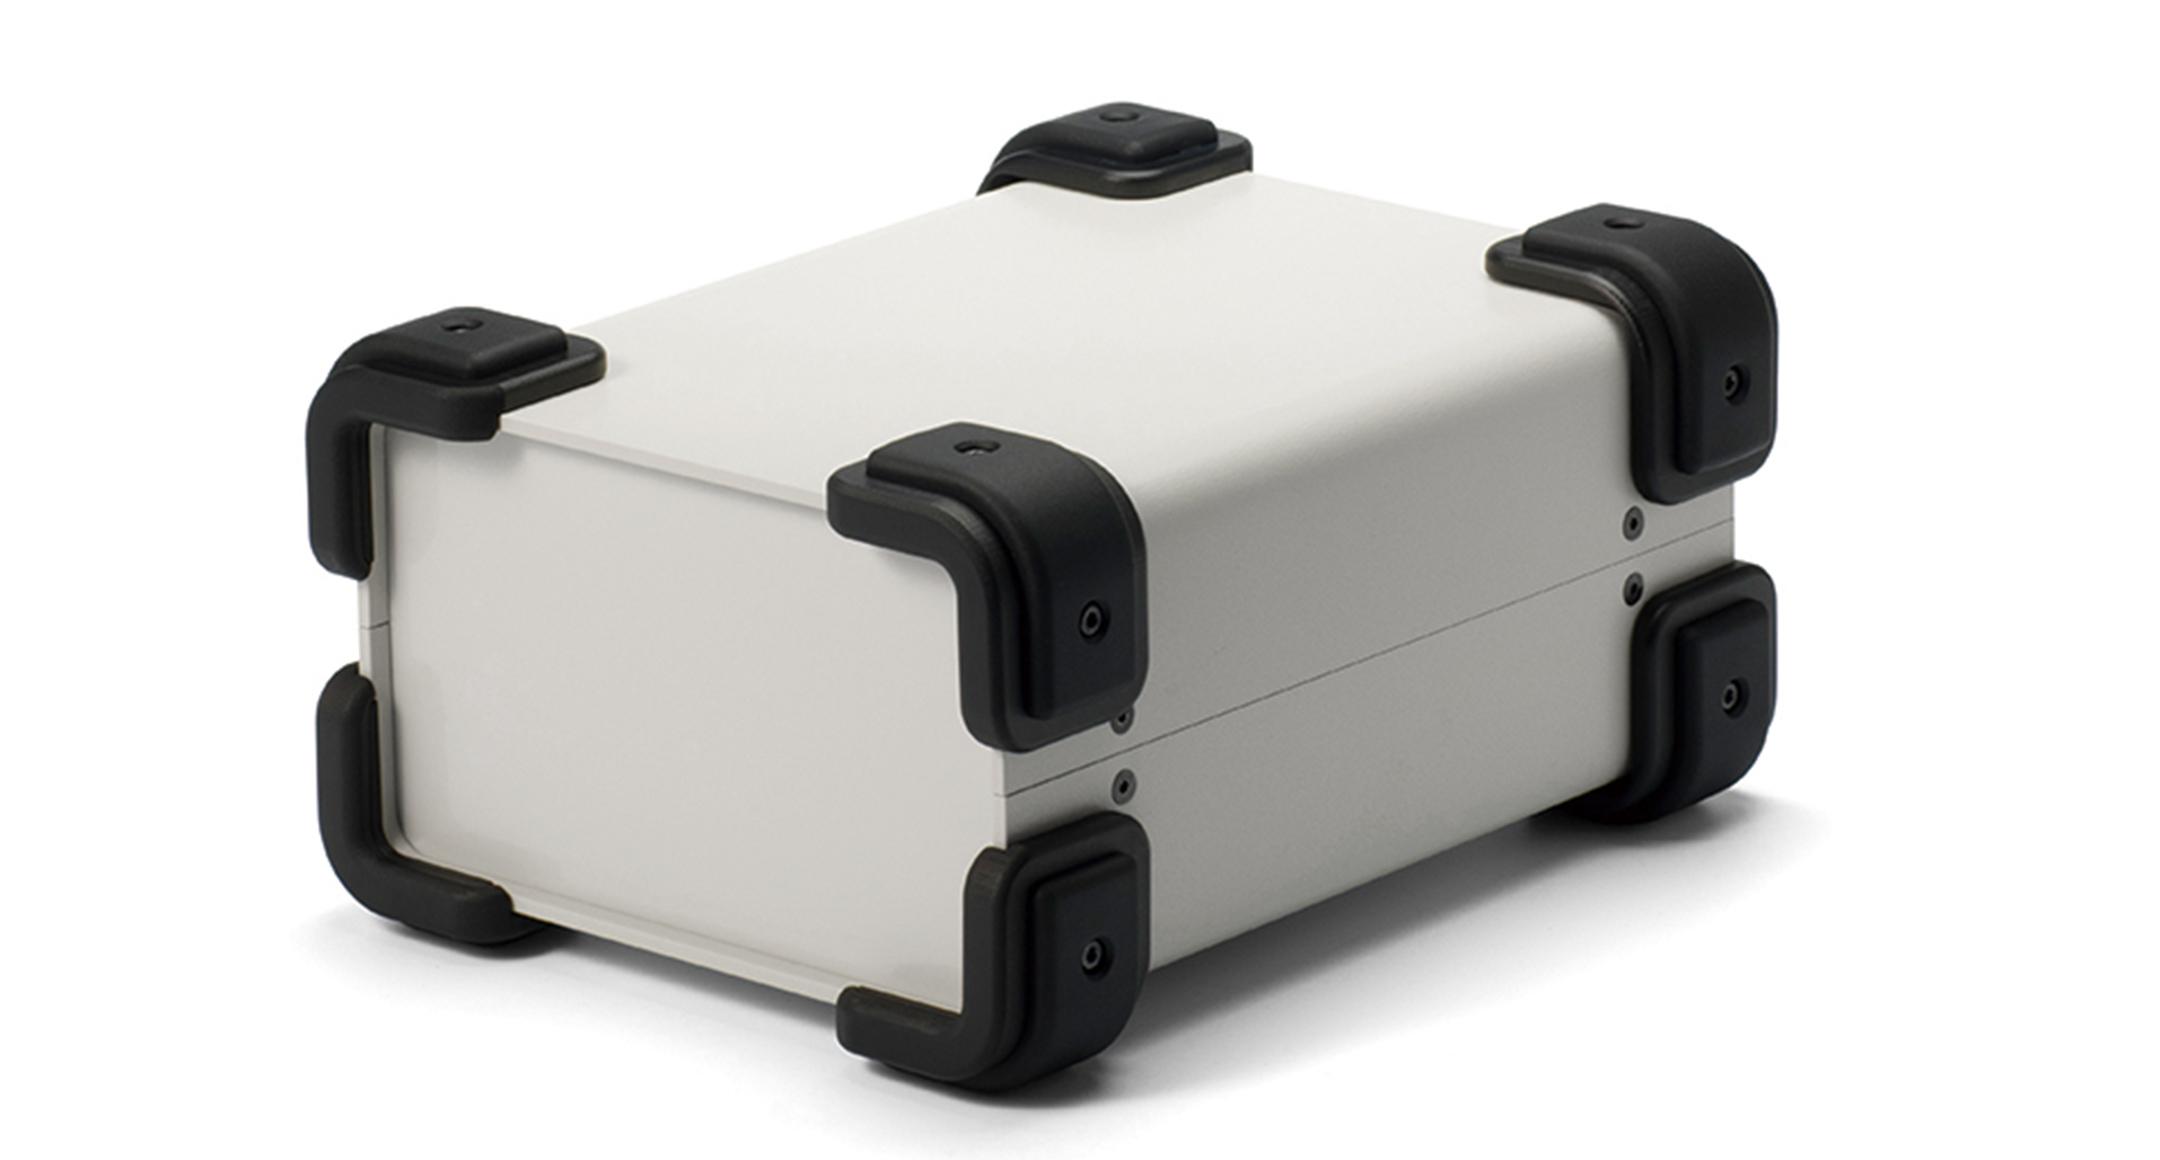 コーナーガード付フリーサイズケース UCGSシリーズ:ライトグレー/ブラックの画像